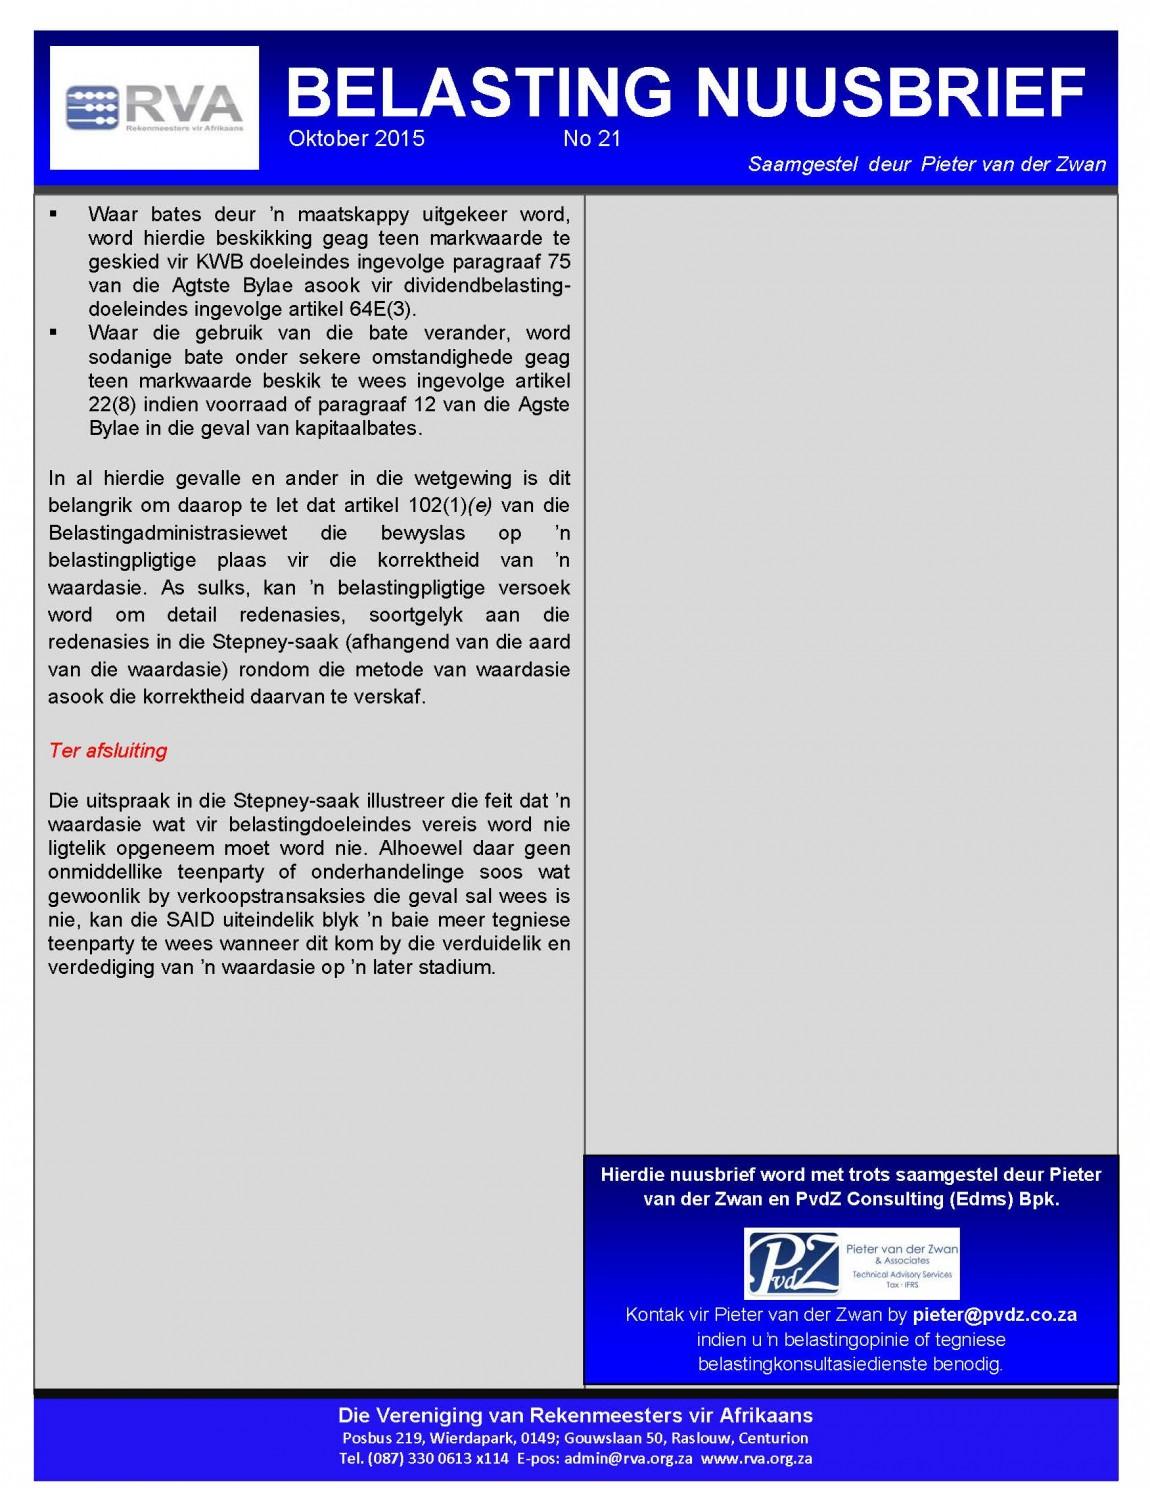 Belasting-Nuusbrief-201510-Nr-21_Page_2.jpg